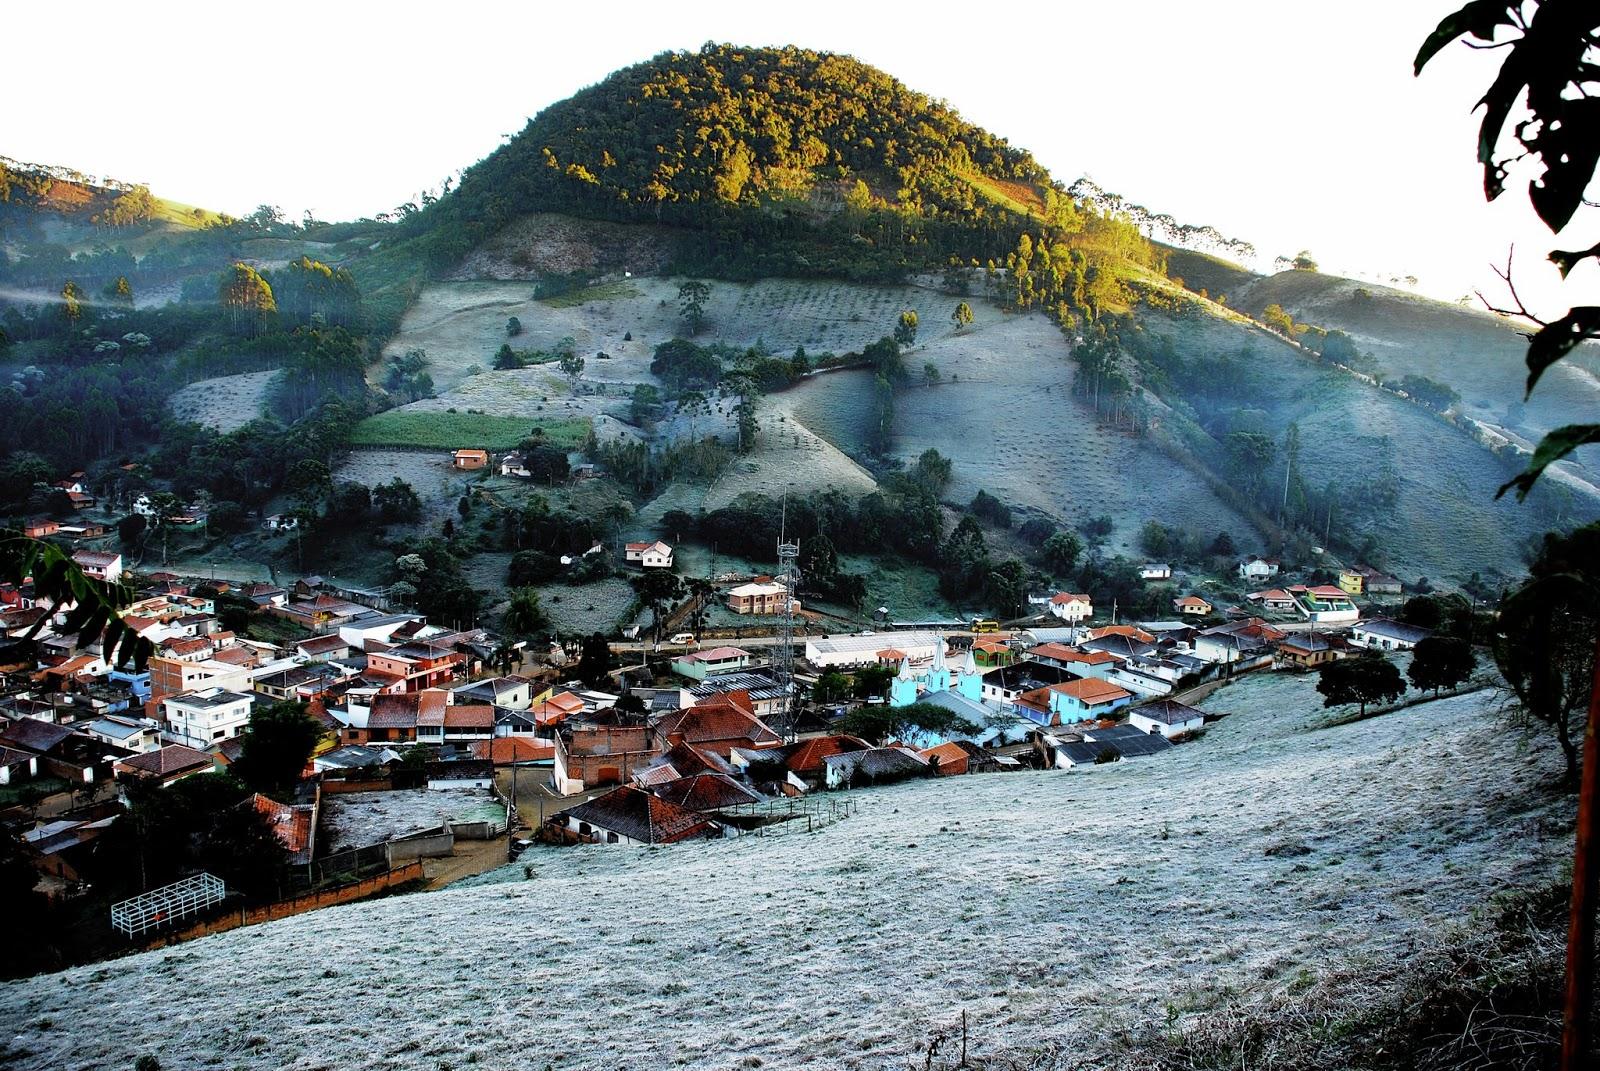 Desfrute da tranquilidade de Marmelópolis, ao lado da Serra da Mantiqueira